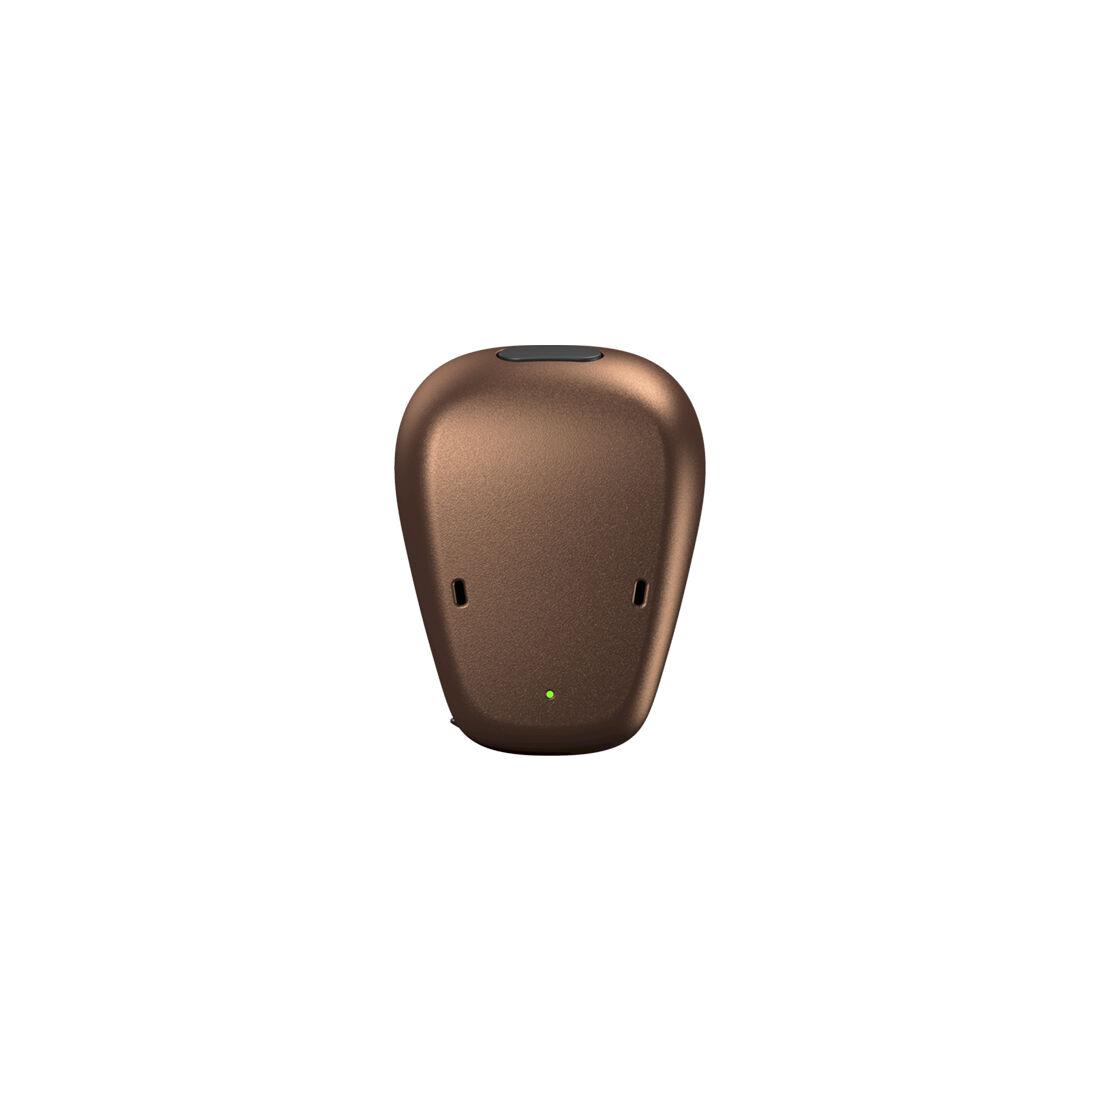 Baha 6 Max sound processor copper color